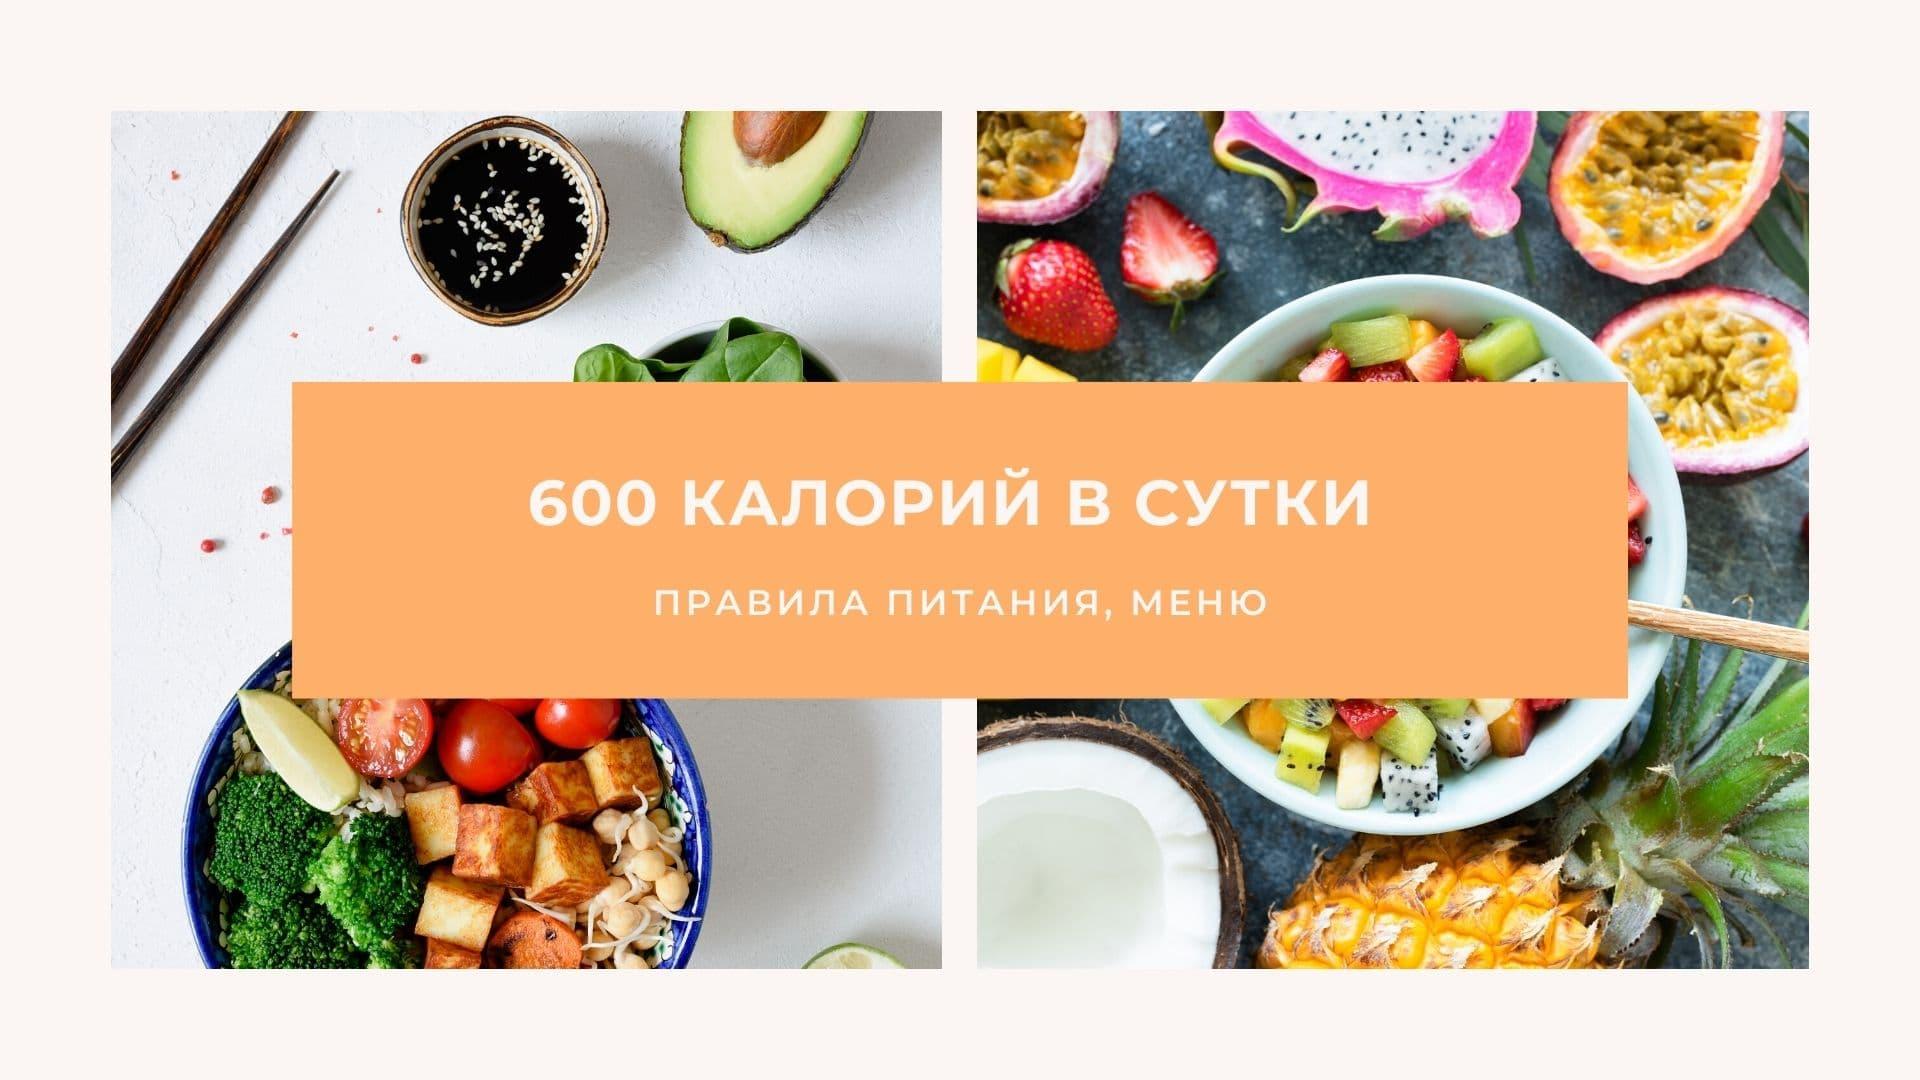 Меню на 600 калорий в сутки: правила питания, меню